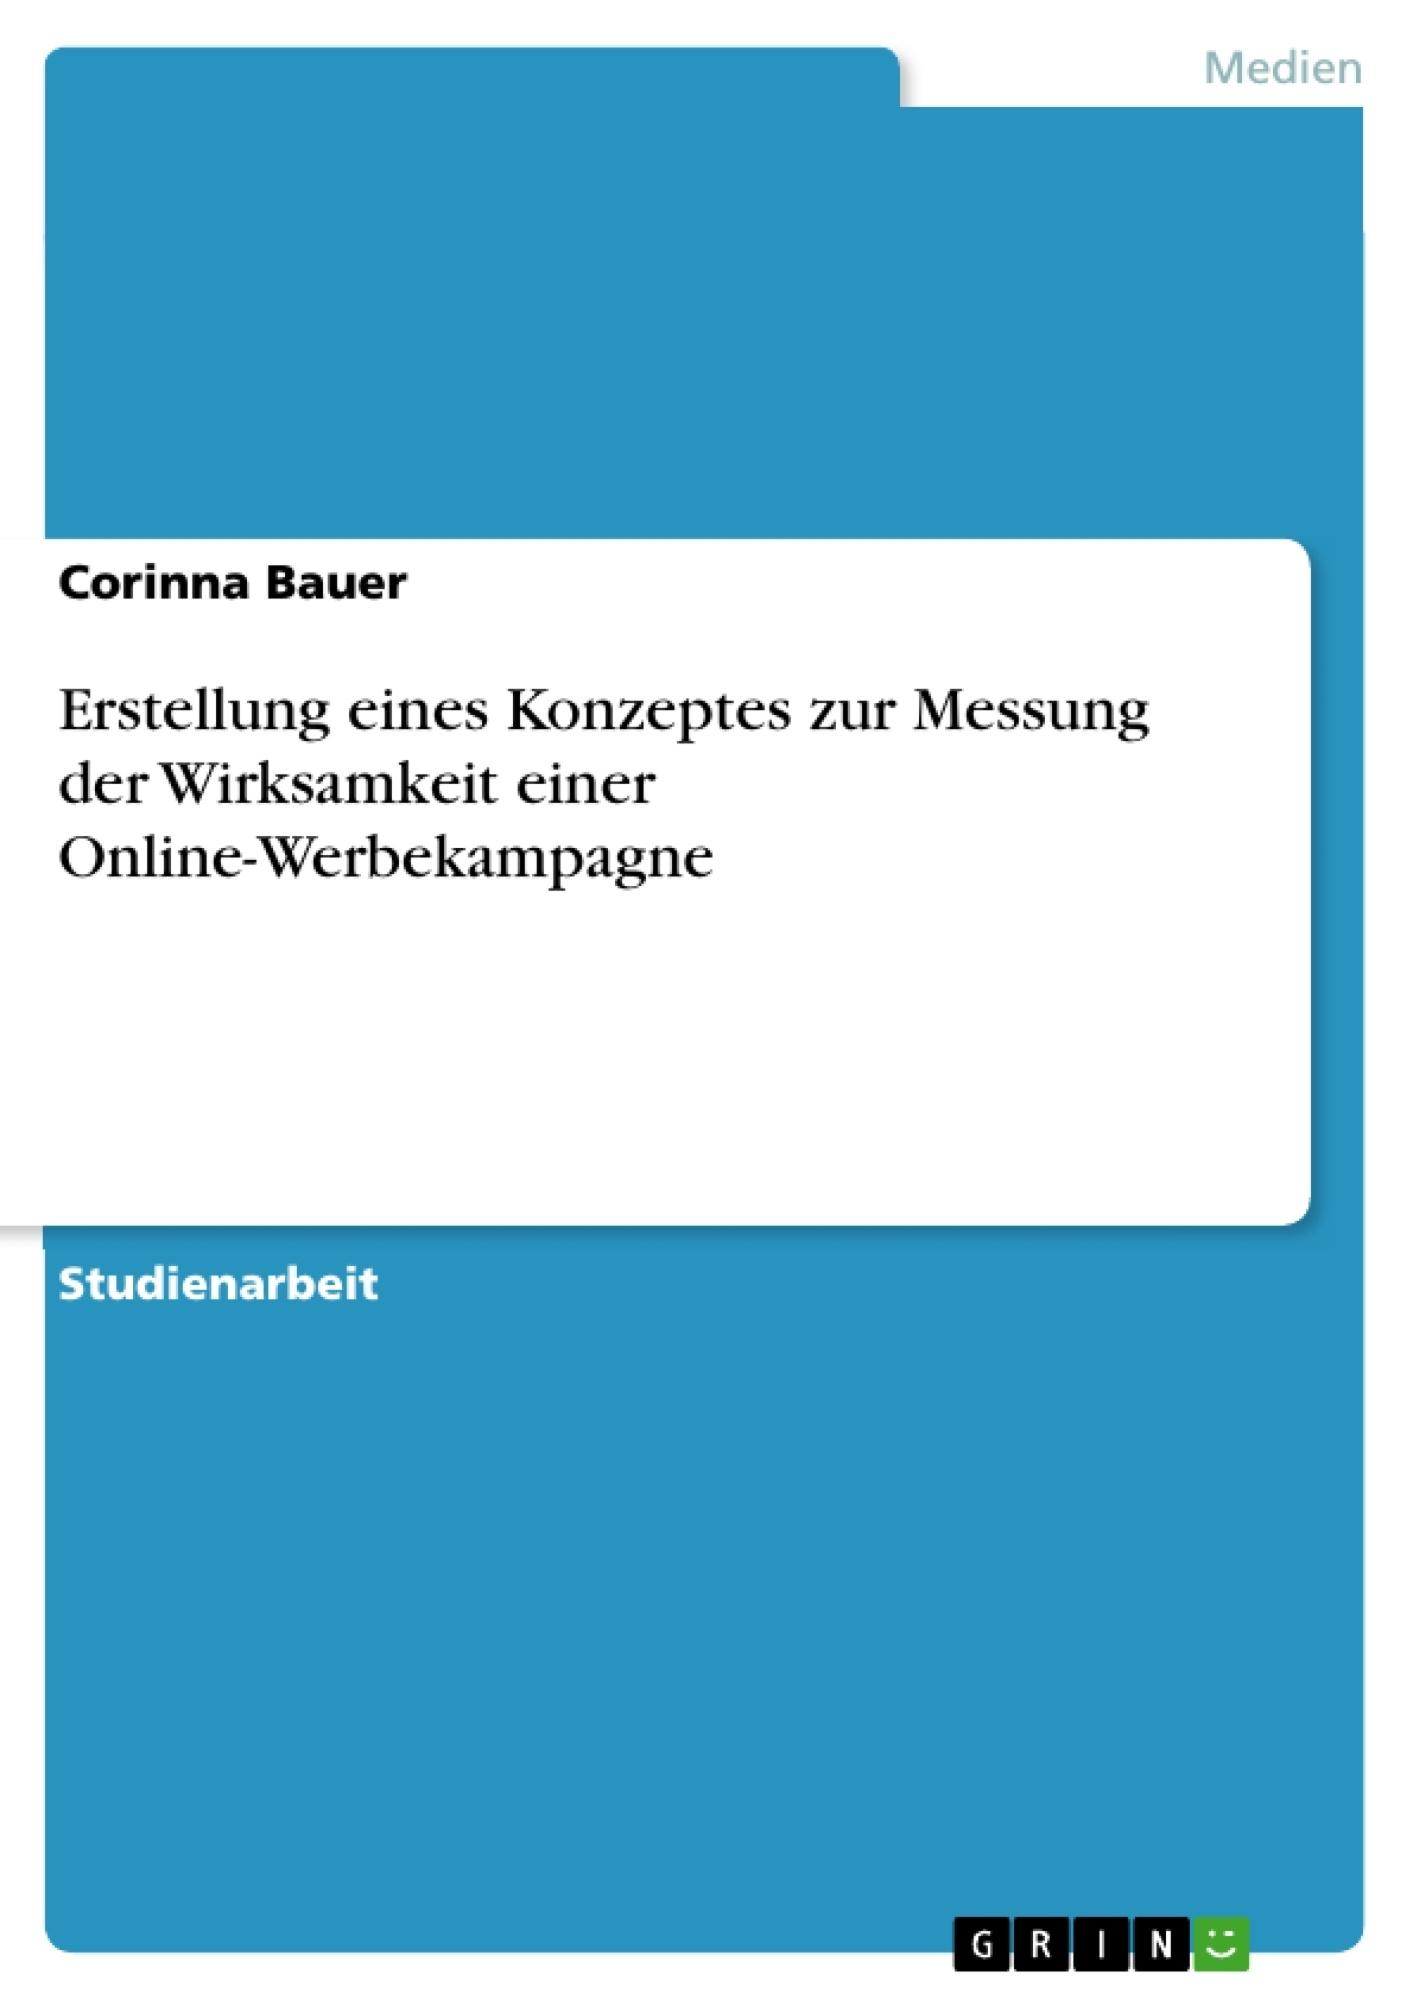 Titel: Erstellung eines Konzeptes zur Messung der Wirksamkeit einer Online-Werbekampagne